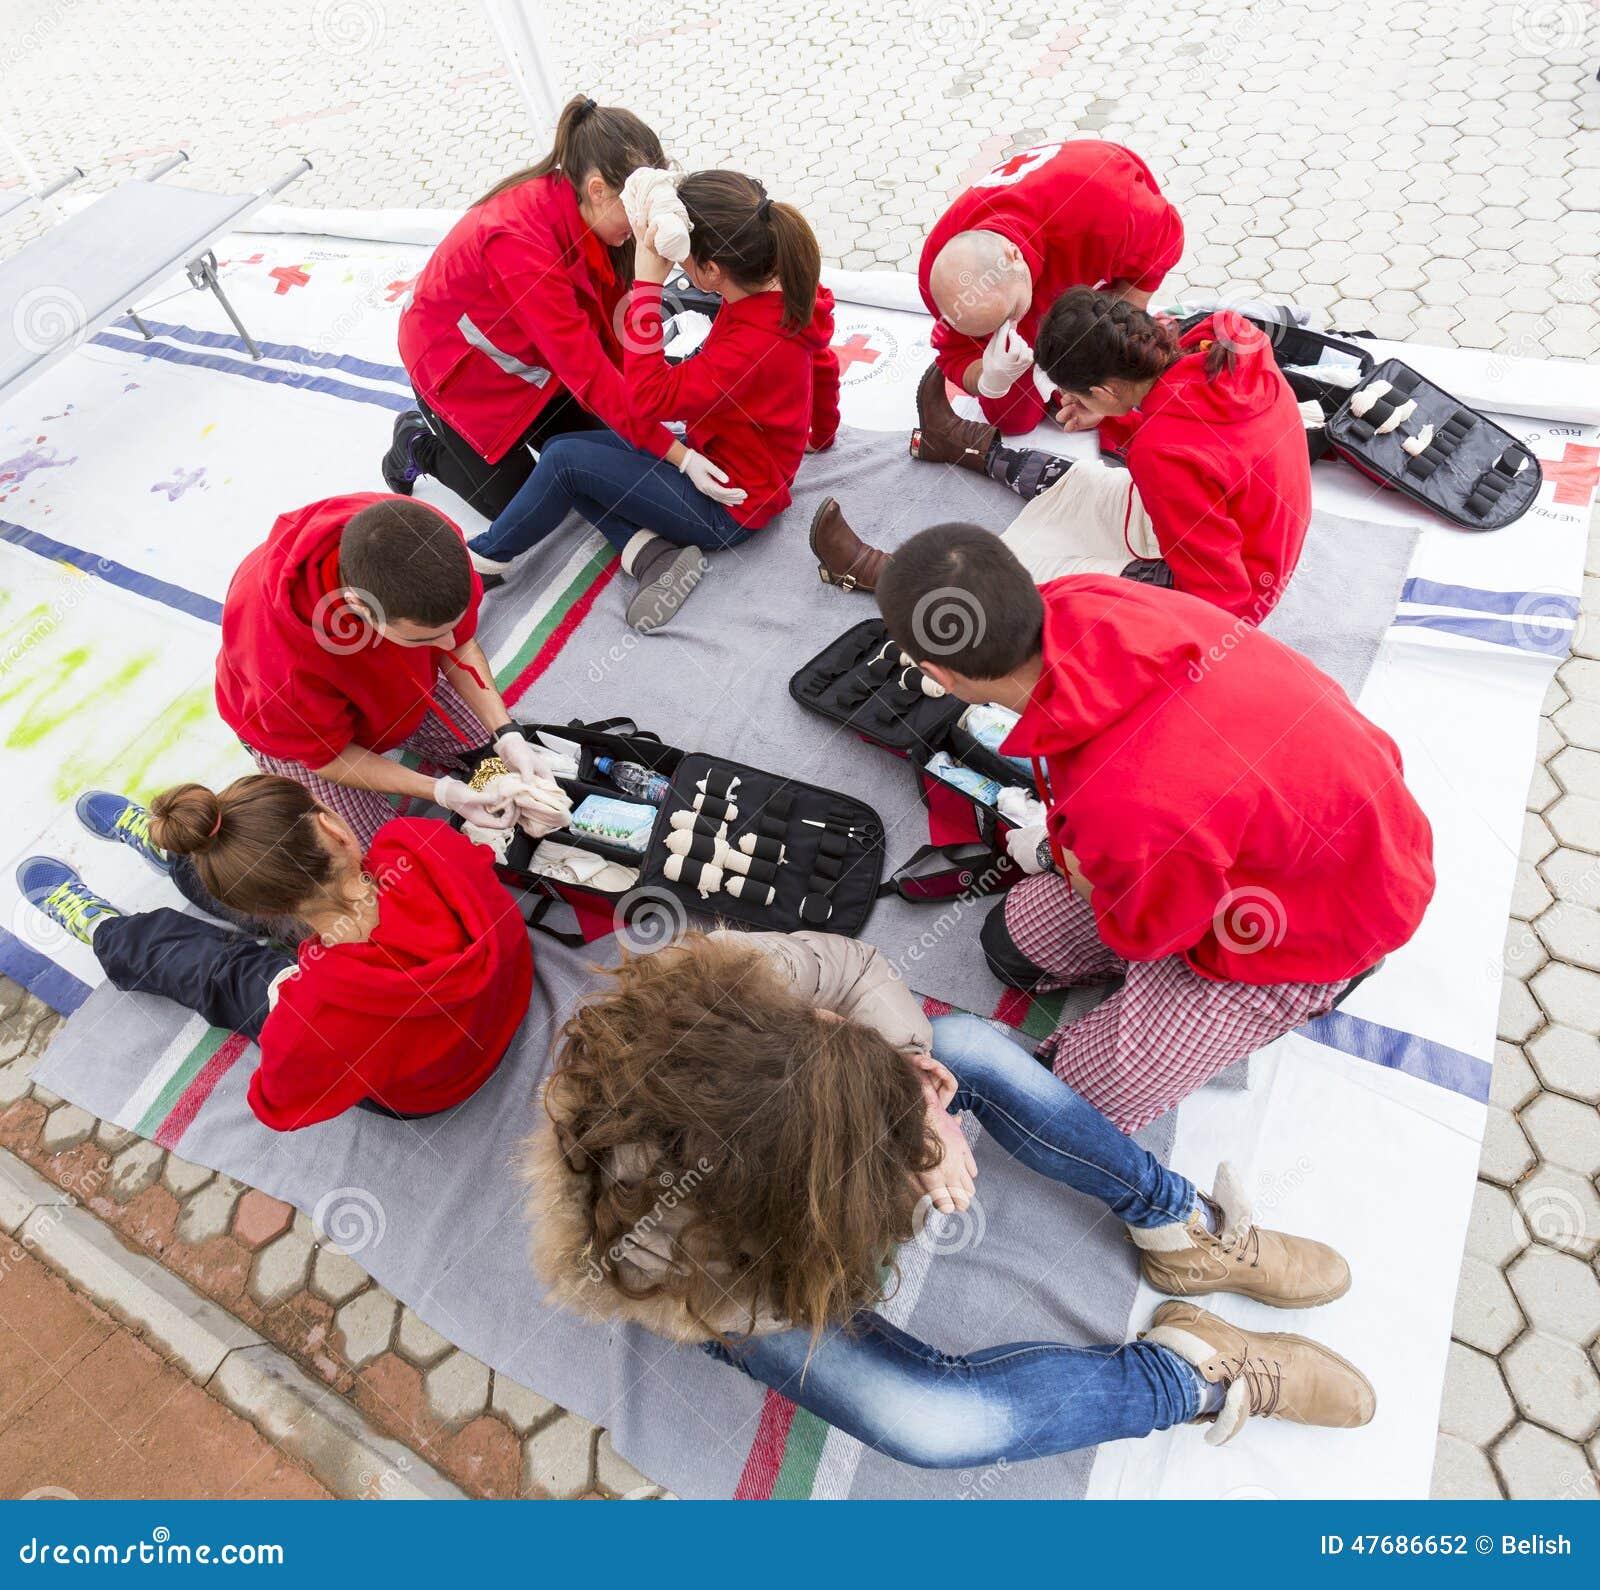 Bułgarska czerwony krzyż młodości ochotnicza organizacja (BRCY)